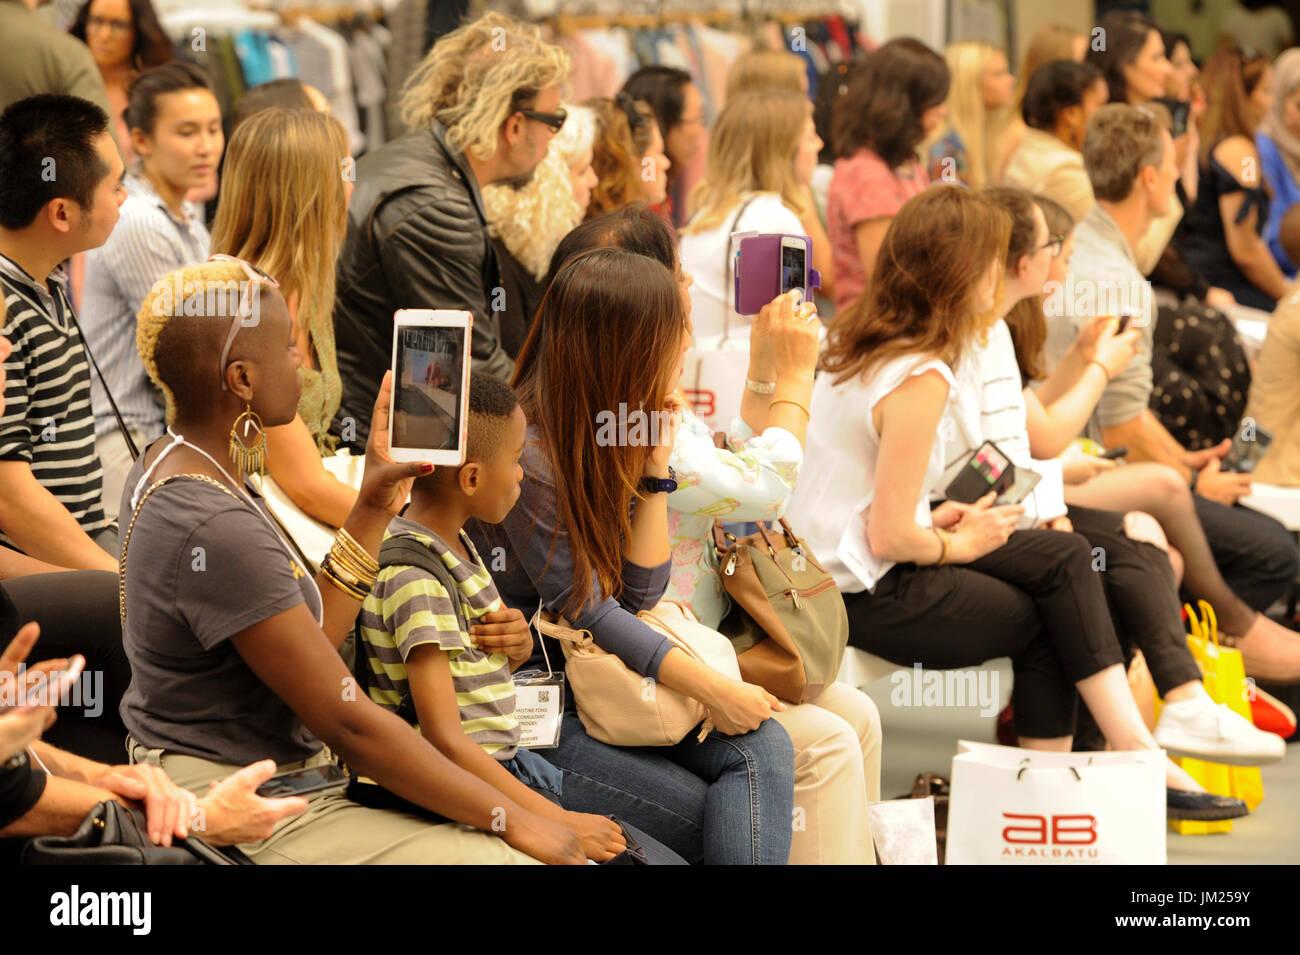 Watching Fashion Show Stock Photos & Watching Fashion Show ...